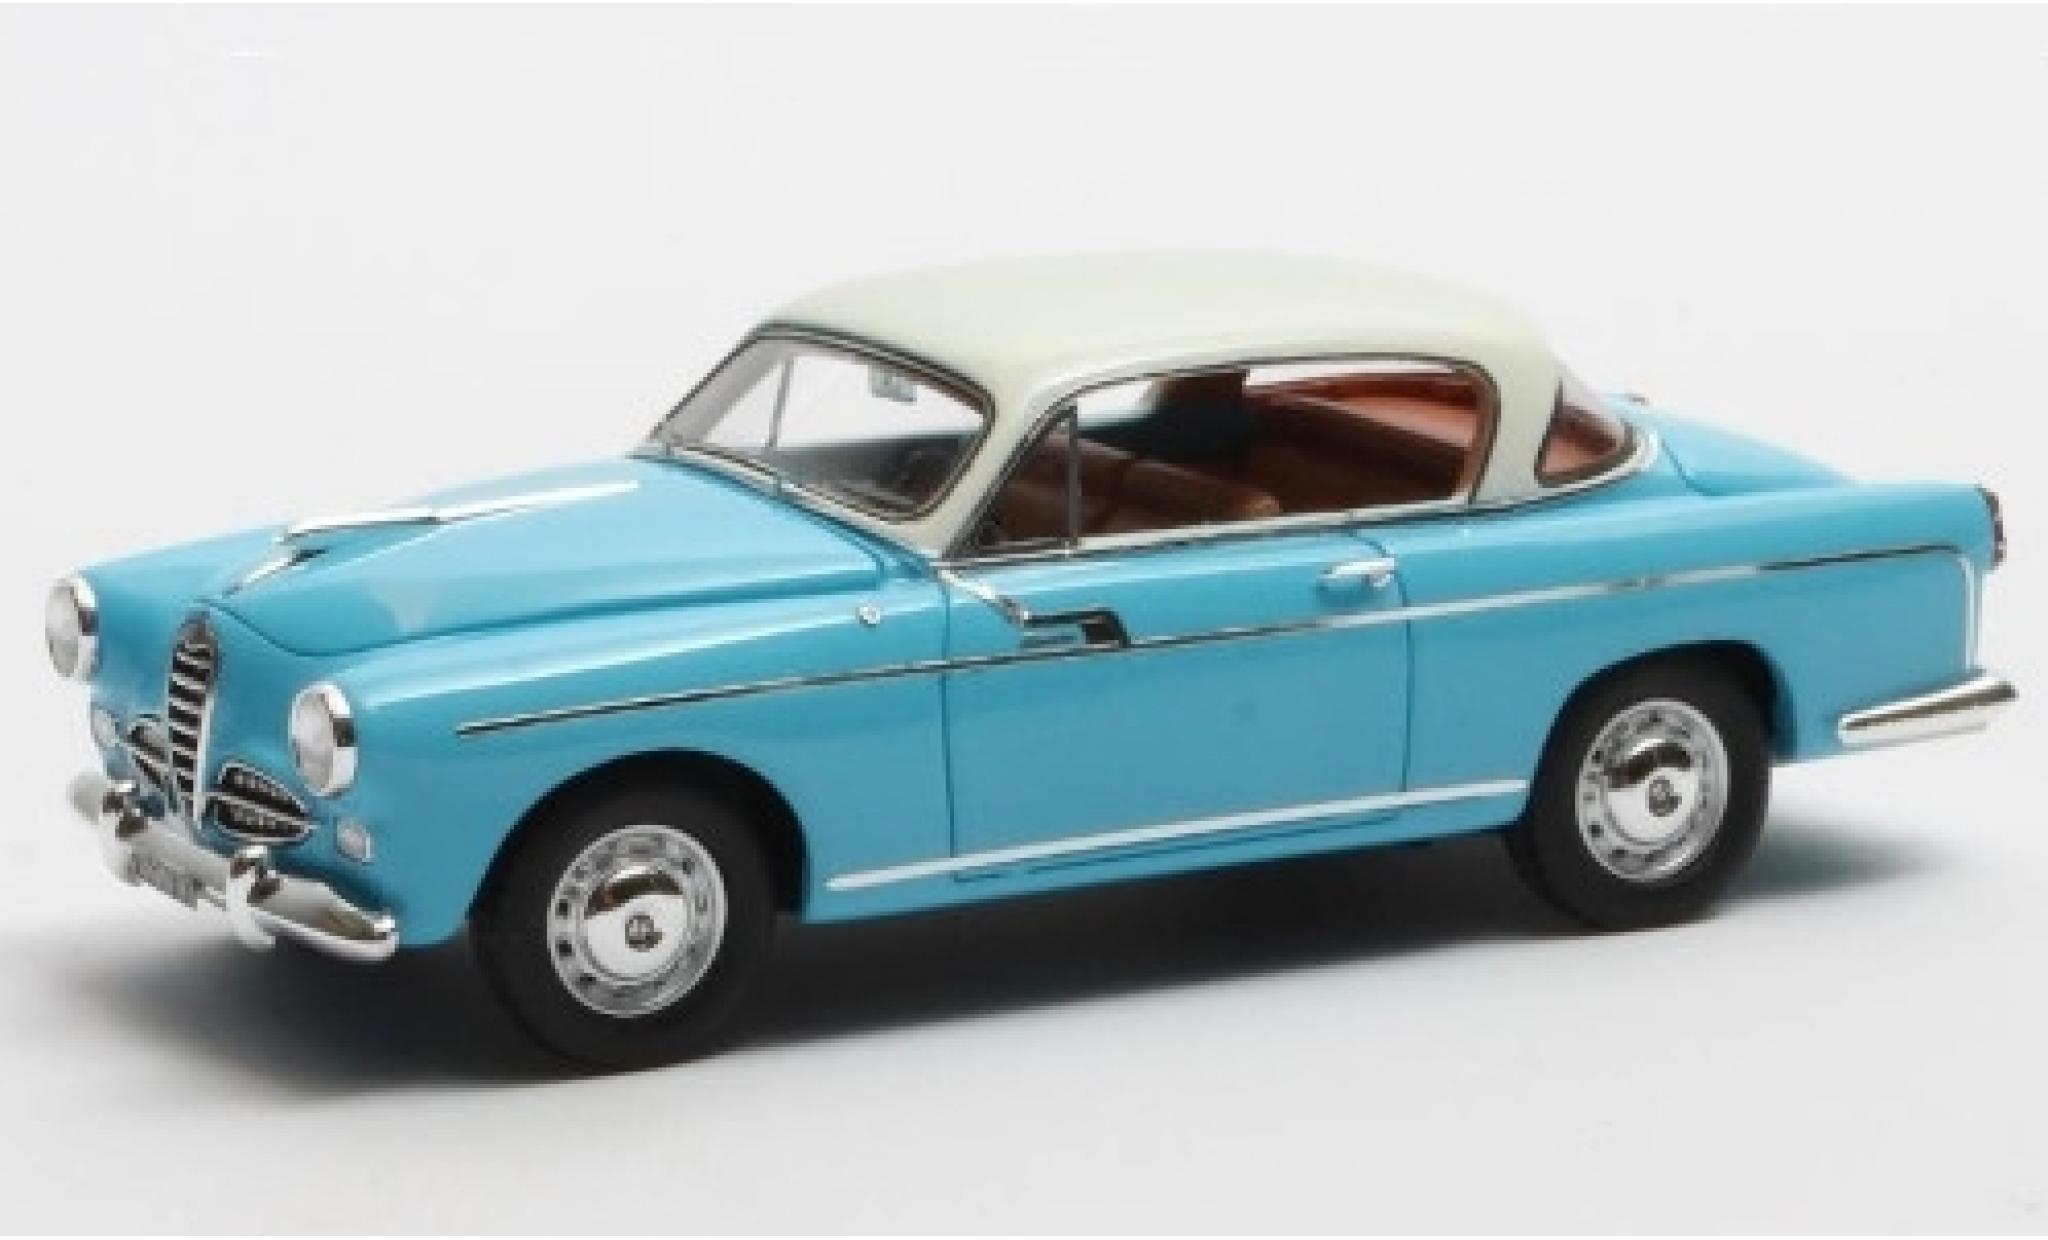 Alfa Romeo 1900 1/43 Matrix Super Boano Primavera bleue/blanche 1955